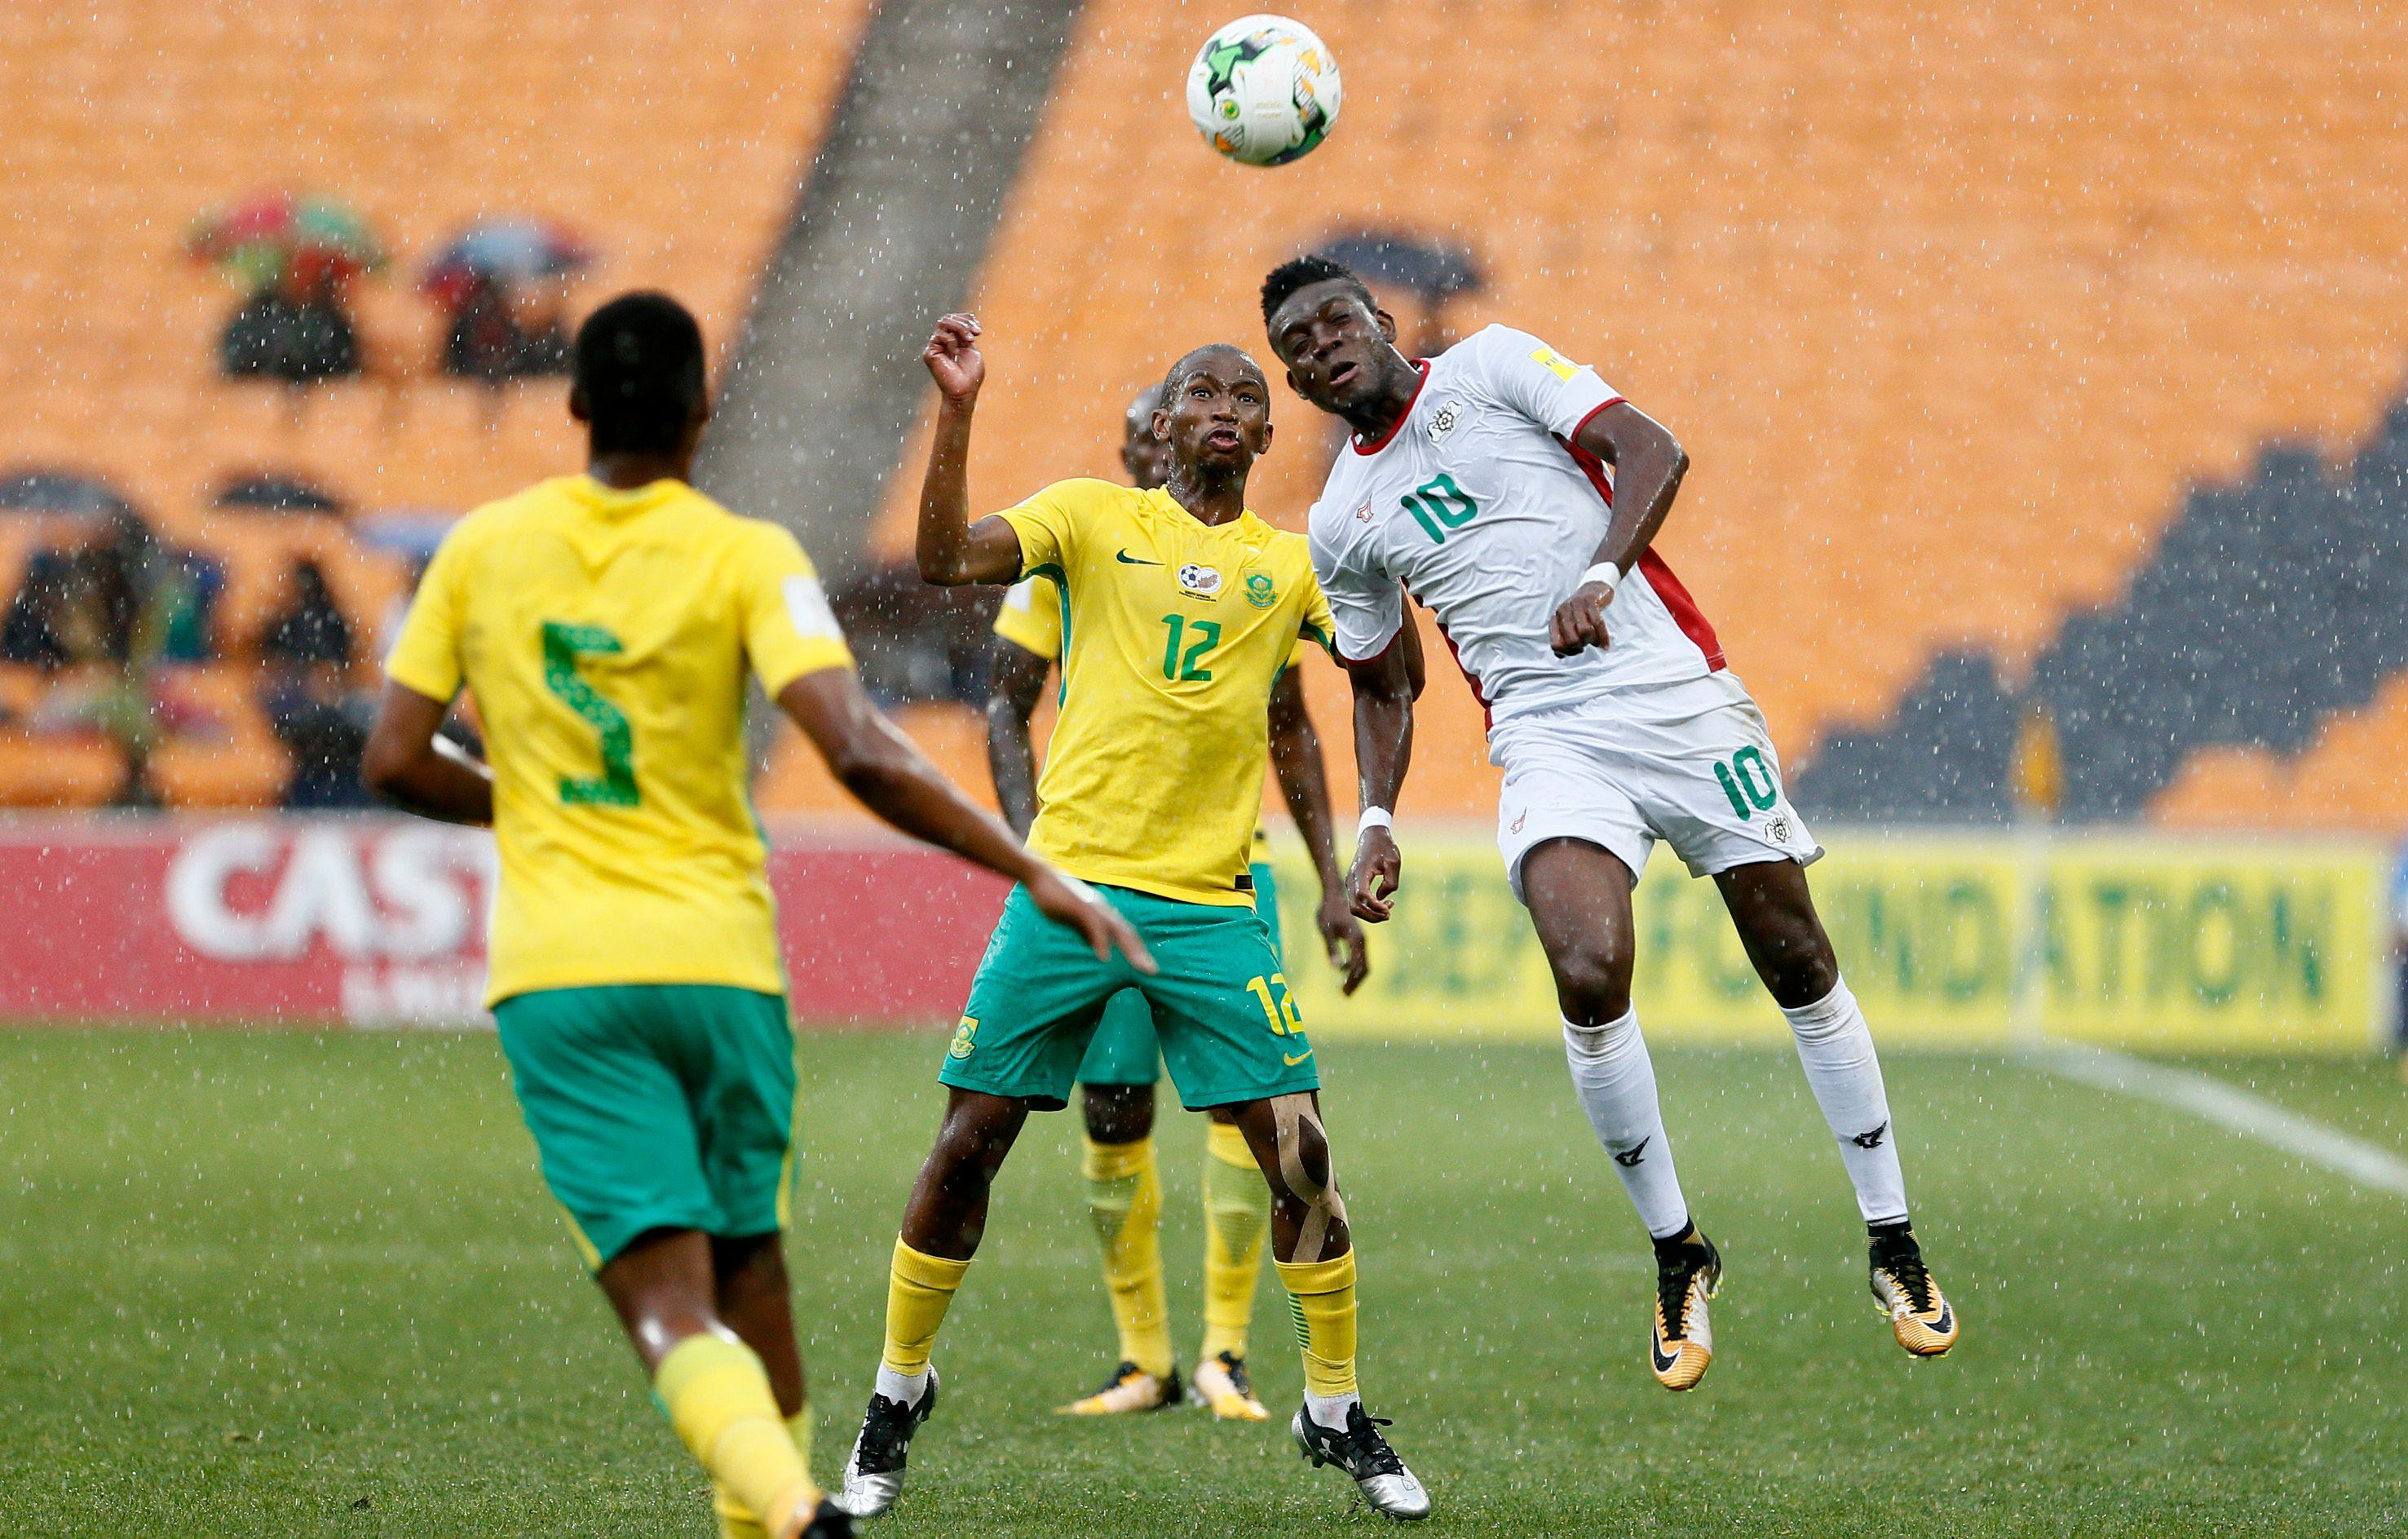 Qualification coupe du monde 2014 zone afrique resultat - Qualification coupe de monde afrique ...